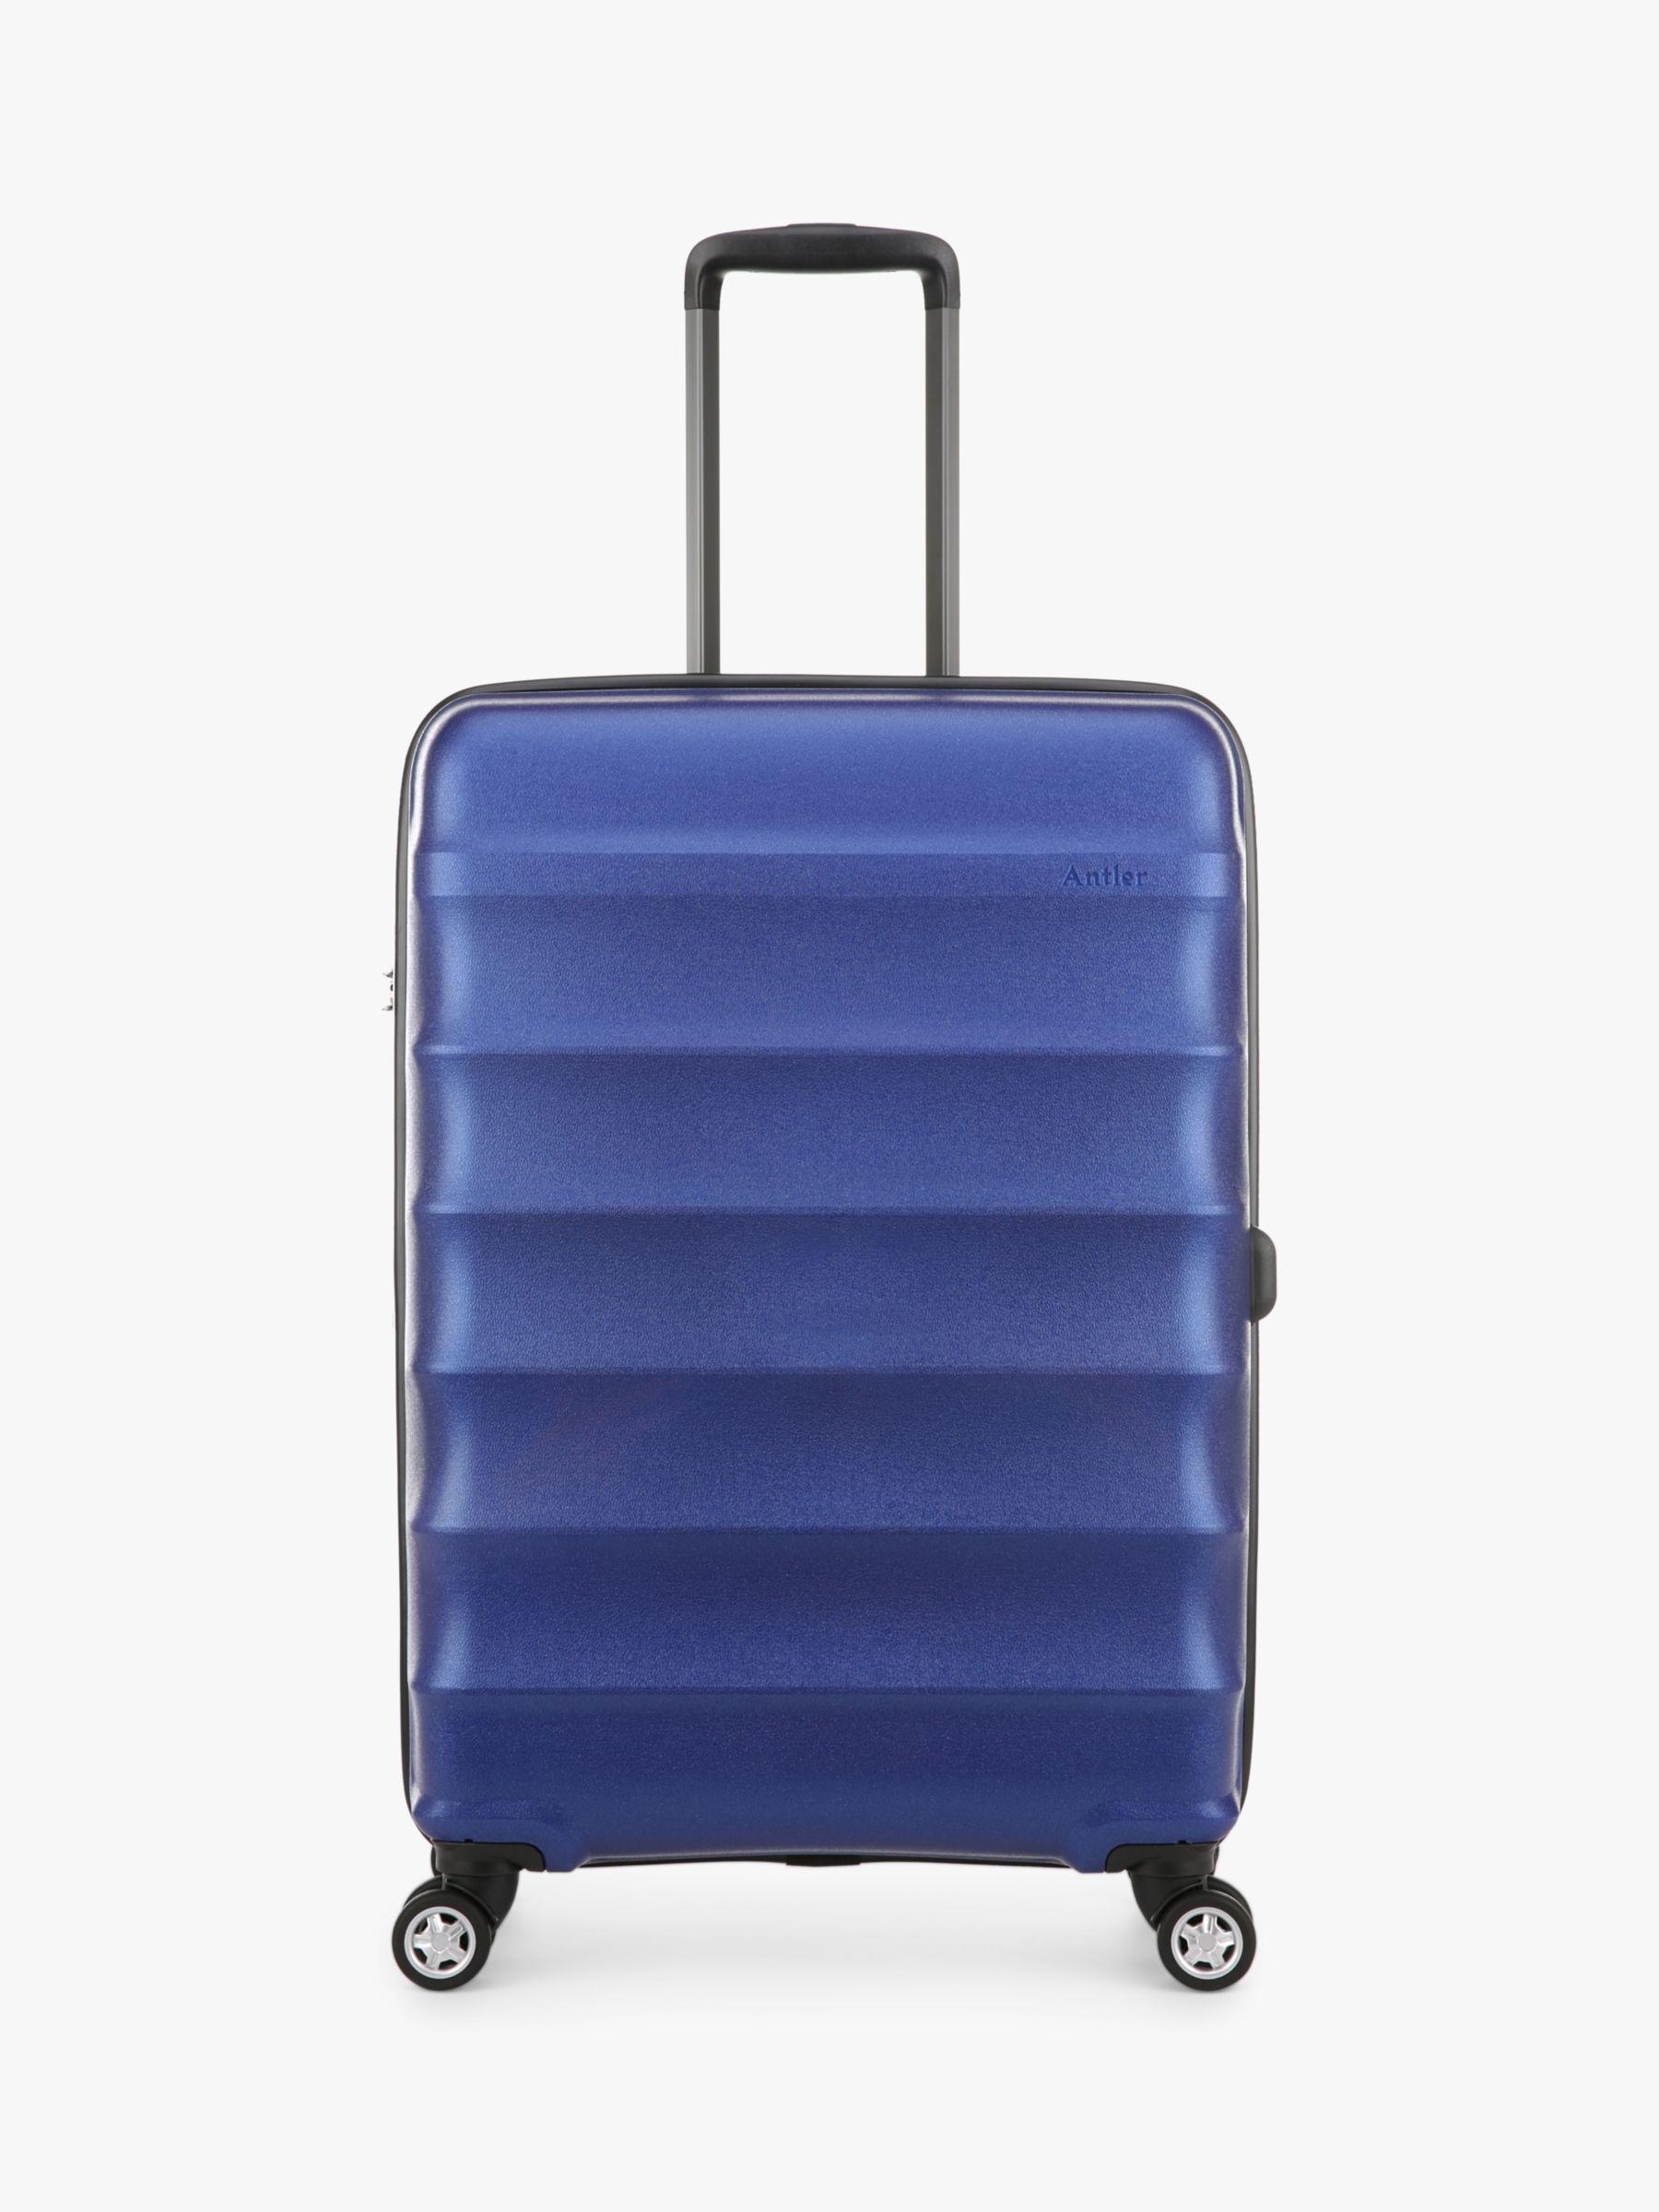 Antler Antler Juno Metallic DLX 4-Wheel 68cm Expandable Medium Suitcase